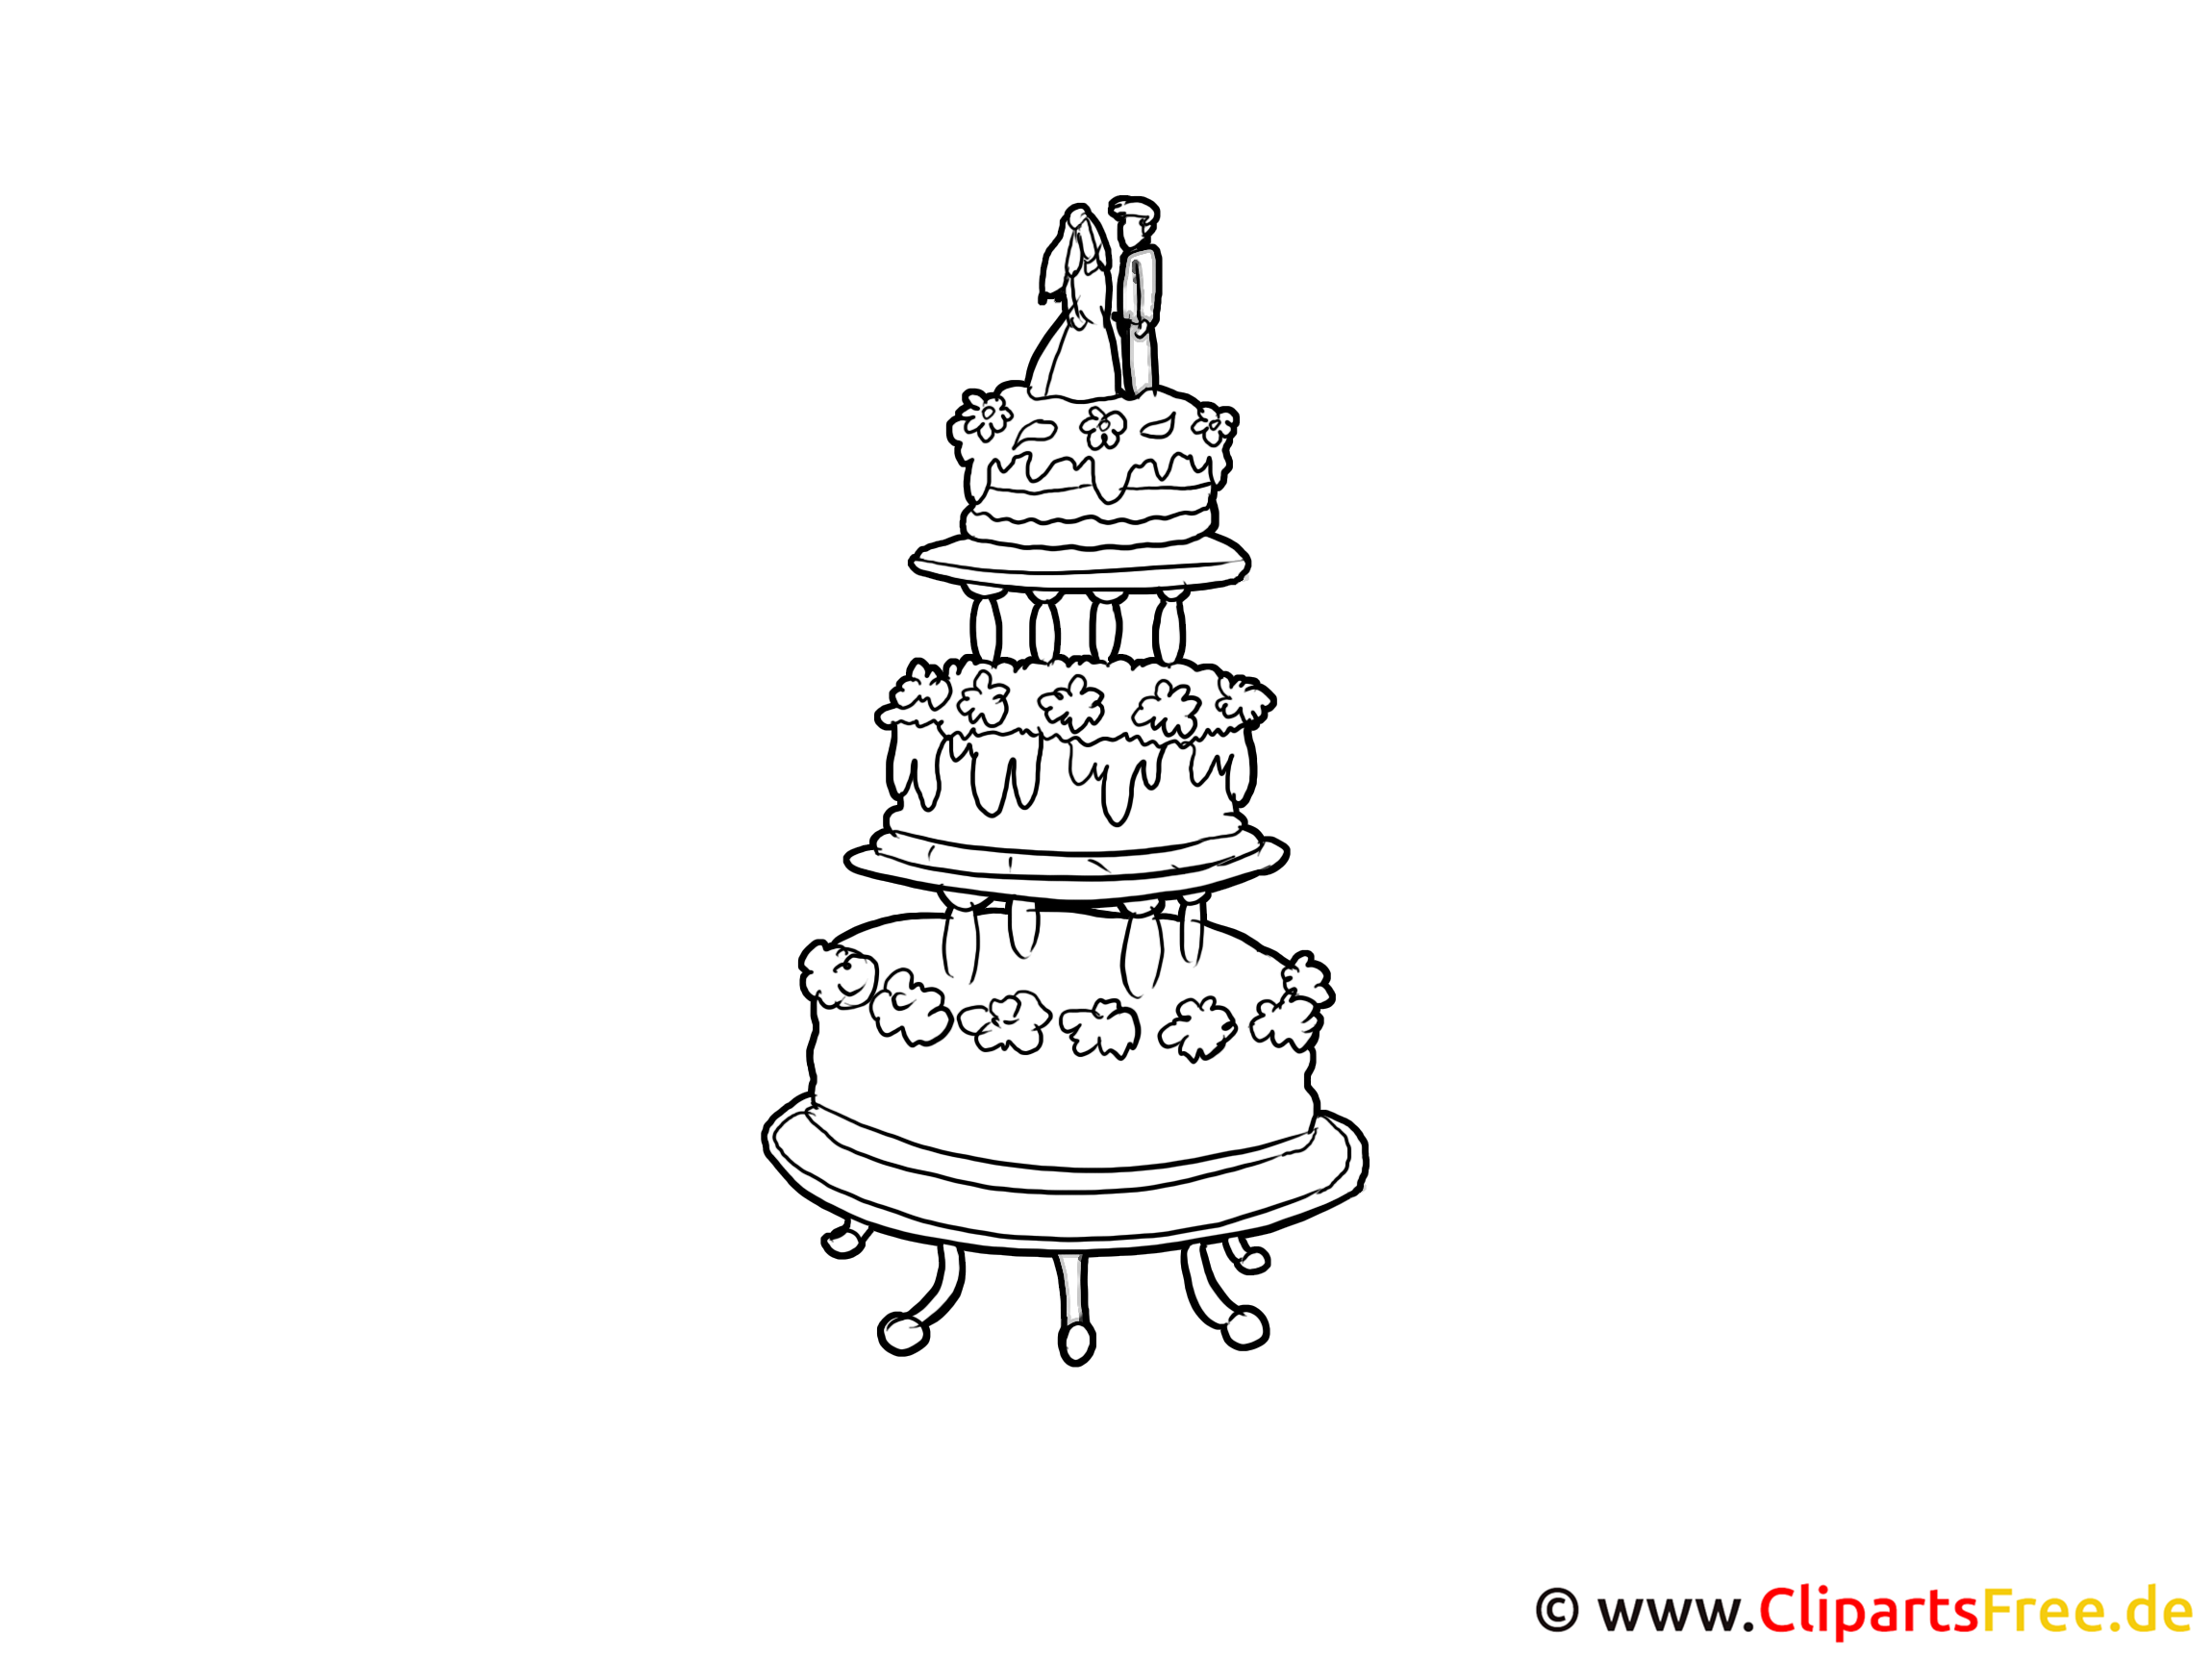 Gratis Clipart Hochzeitstorte